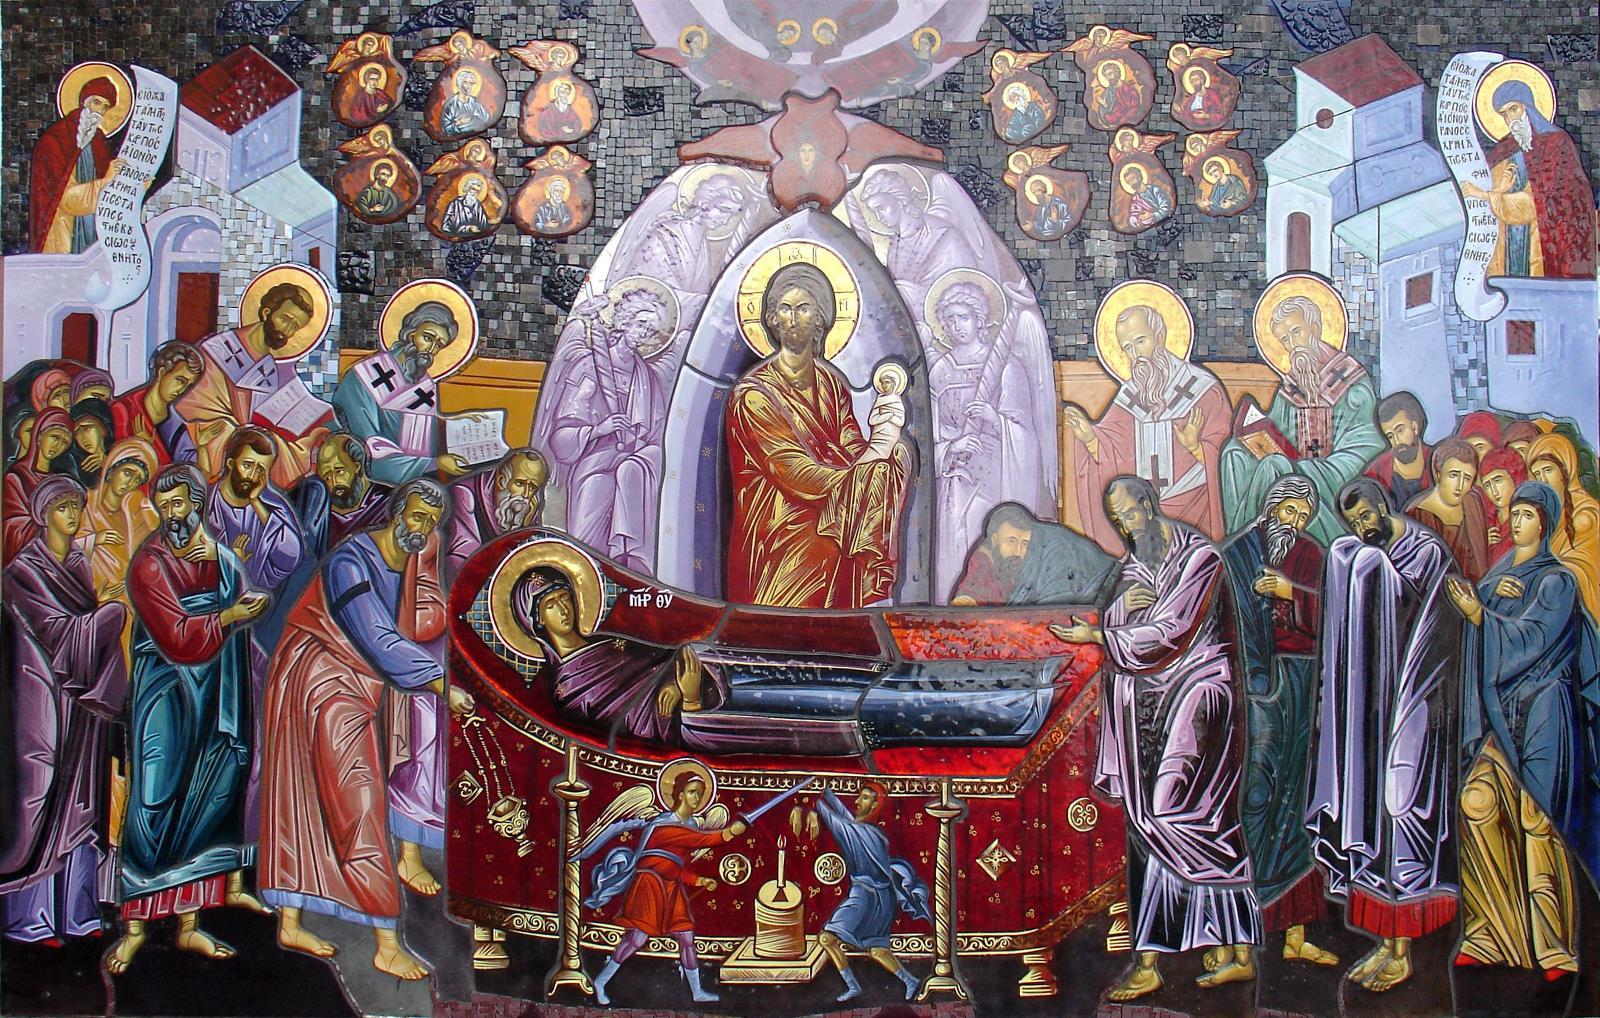 Pelerinaj Grecia de ziua Adormirii Maicii Domnului 9 zile